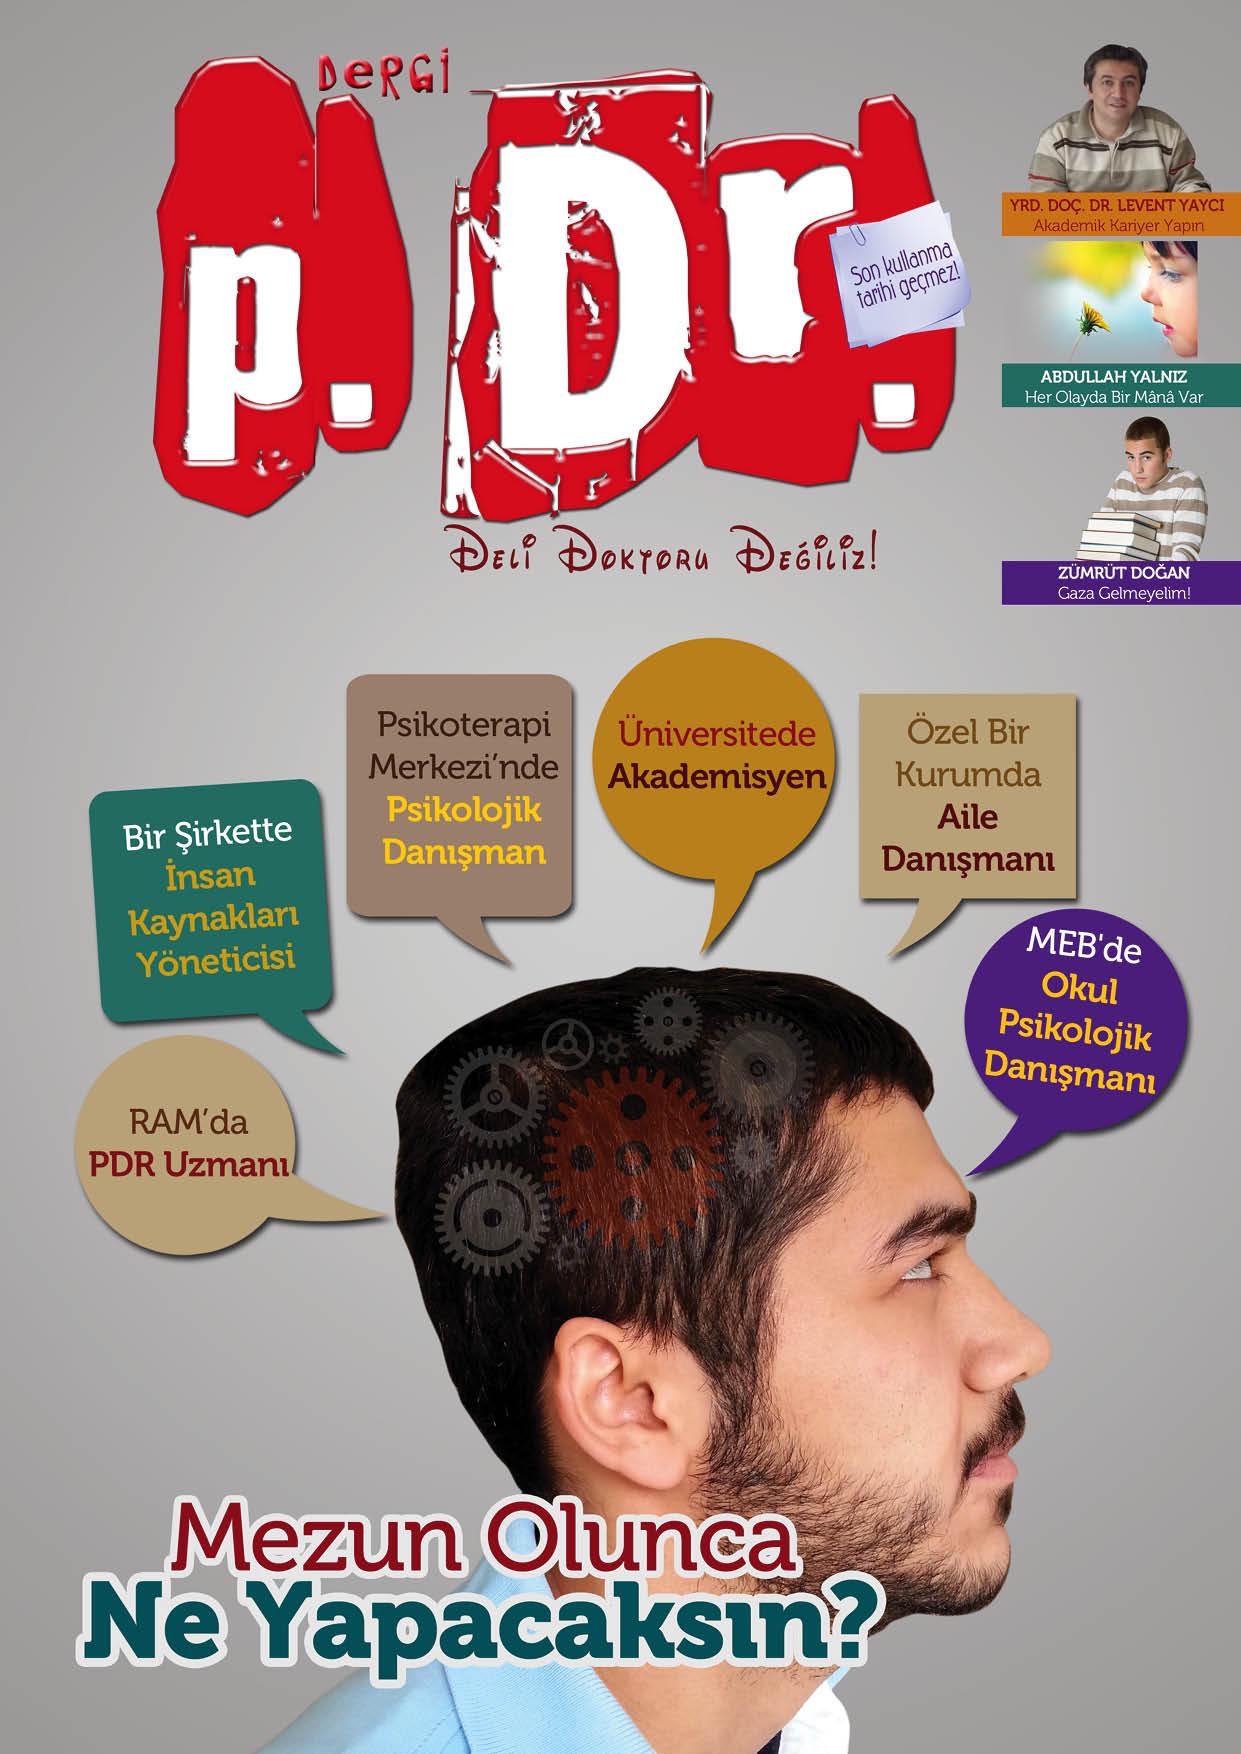 Vee... Dergi p.Dr. Nisan 2013 Sayısı Yayınlandı